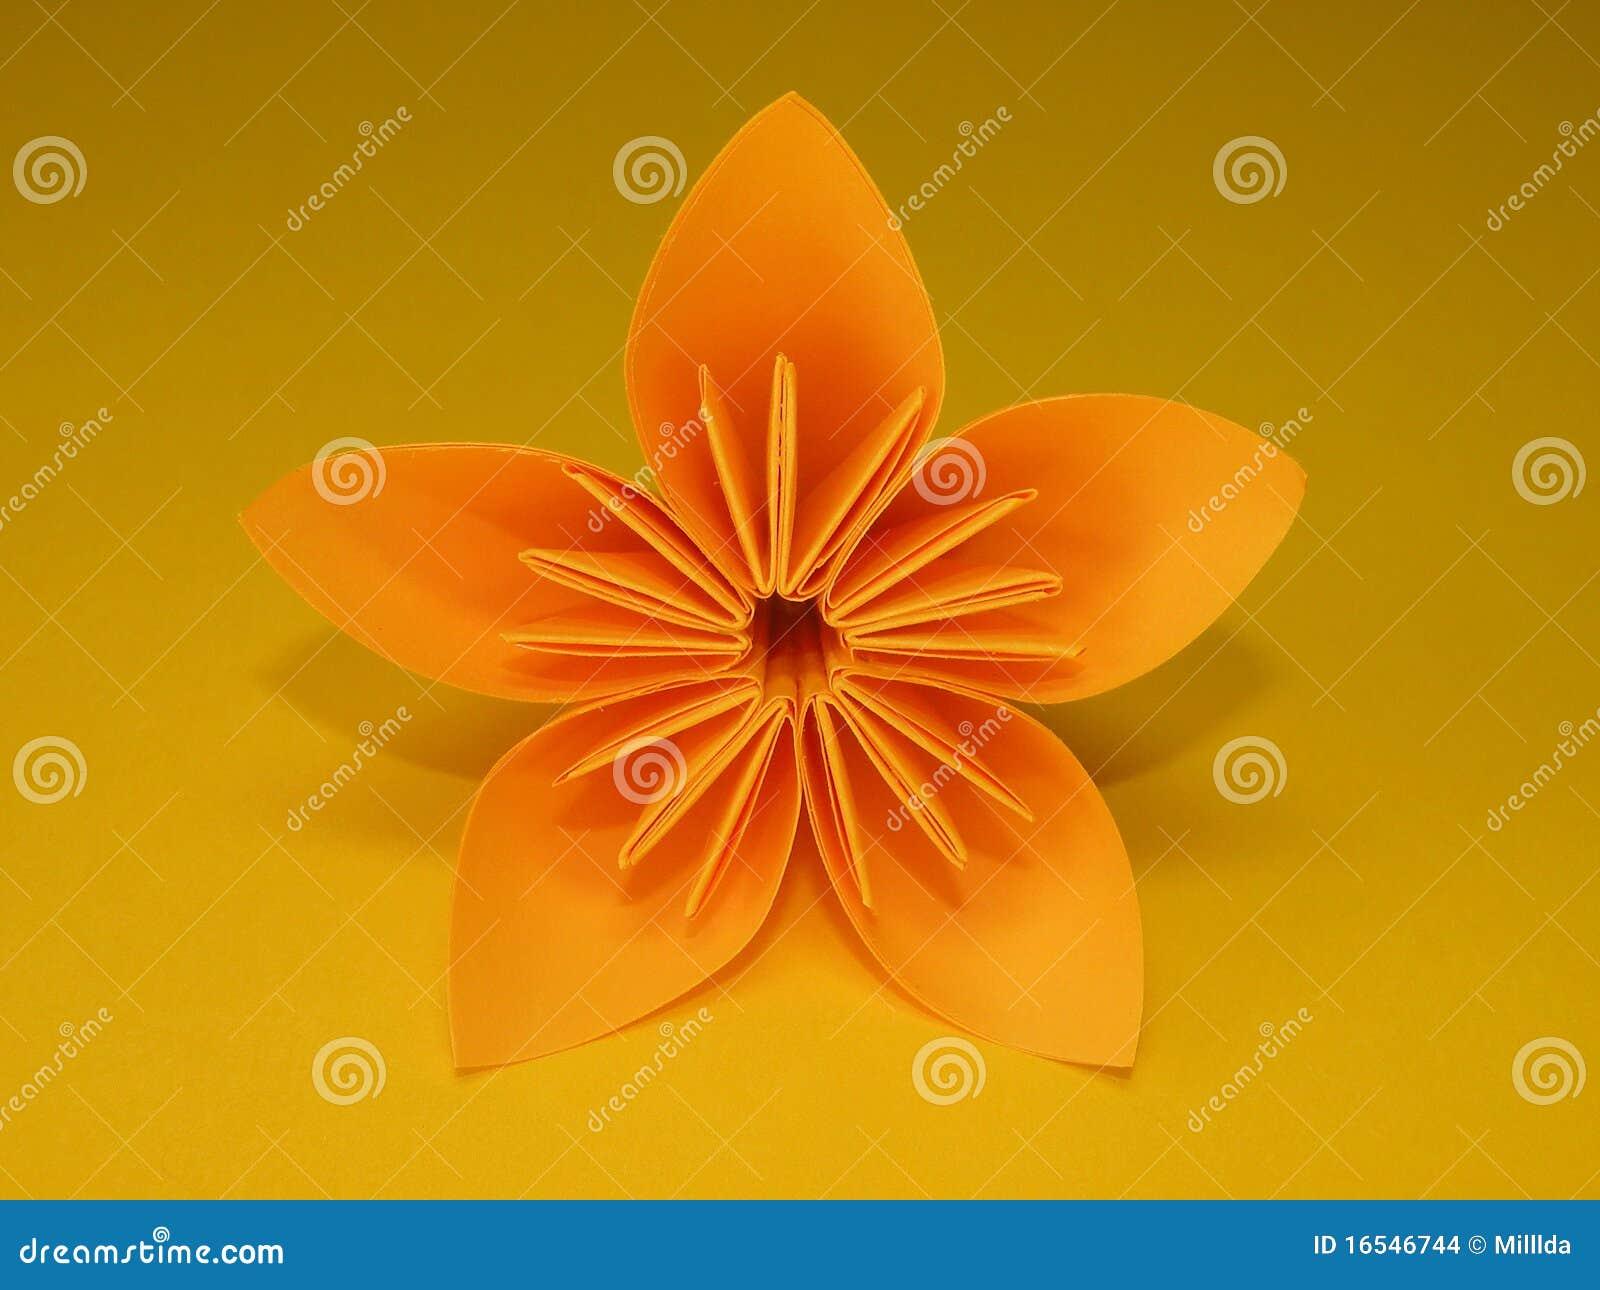 Orange origami blume getrennt auf gelbem hintergrund